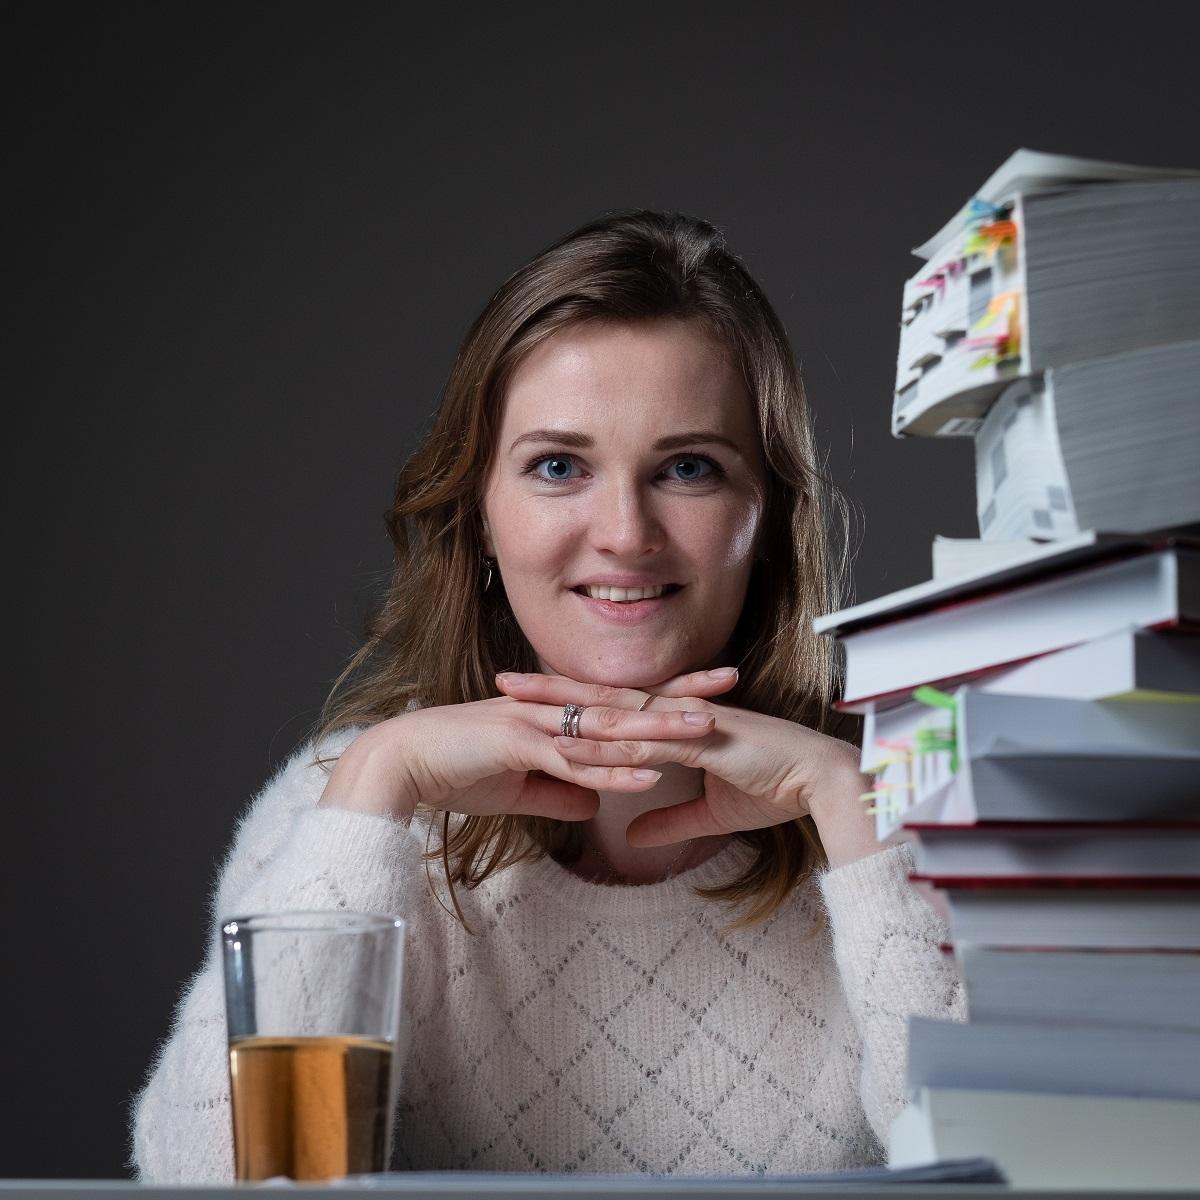 Anika Keuter